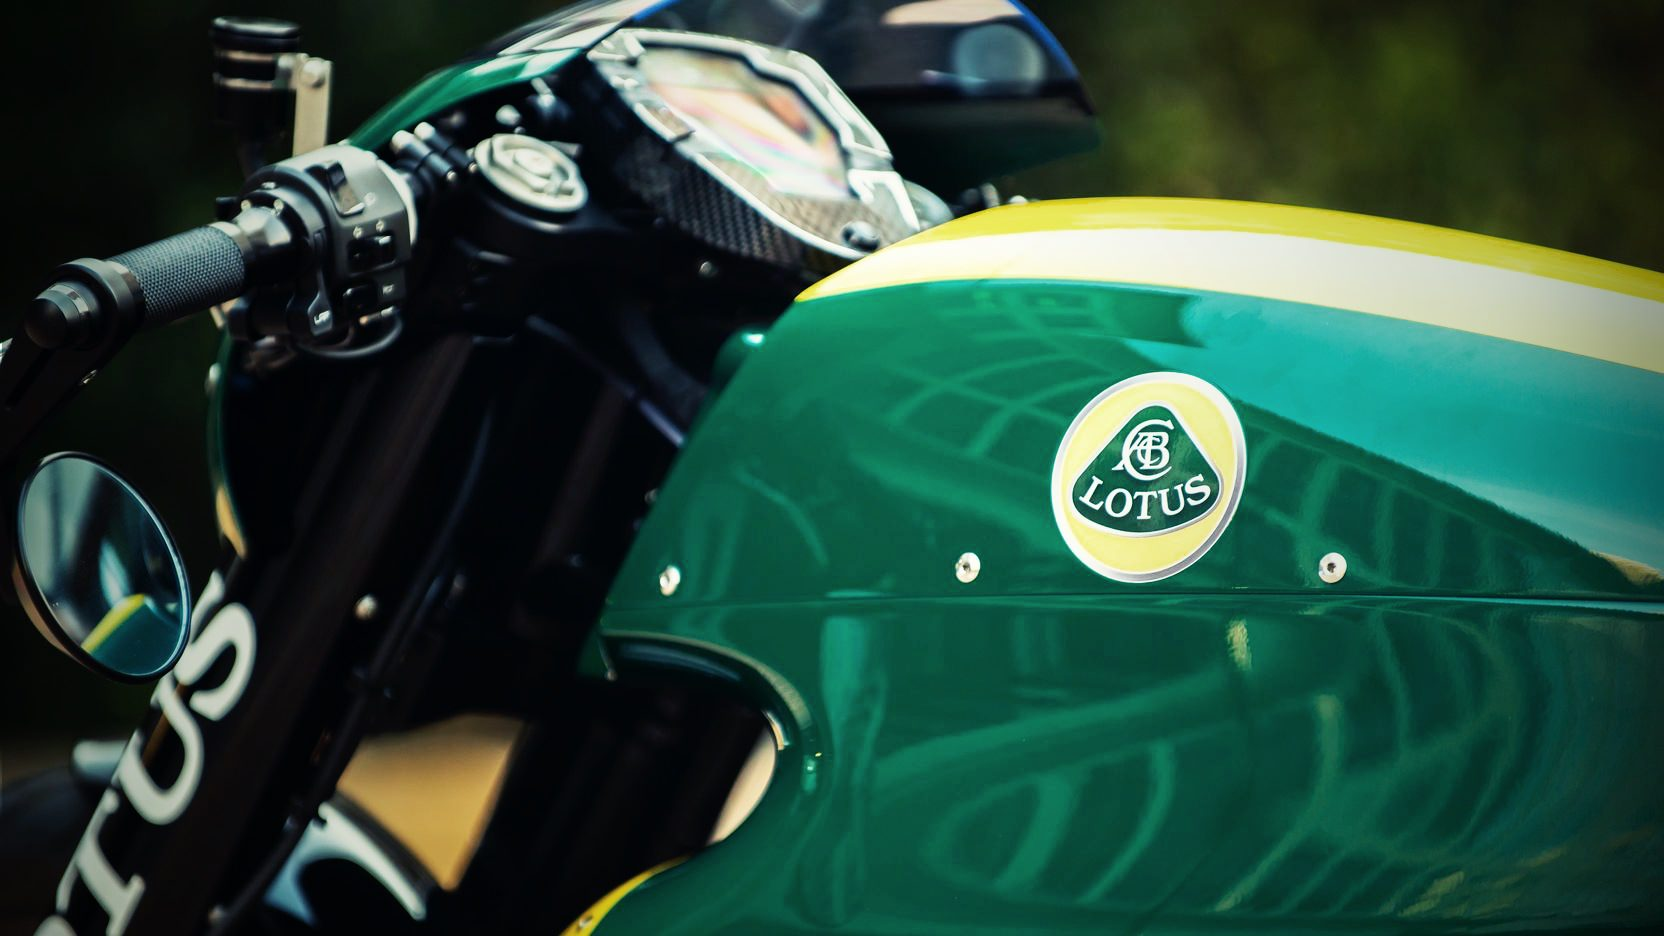 Lotus-C-01-Motorcycle-3